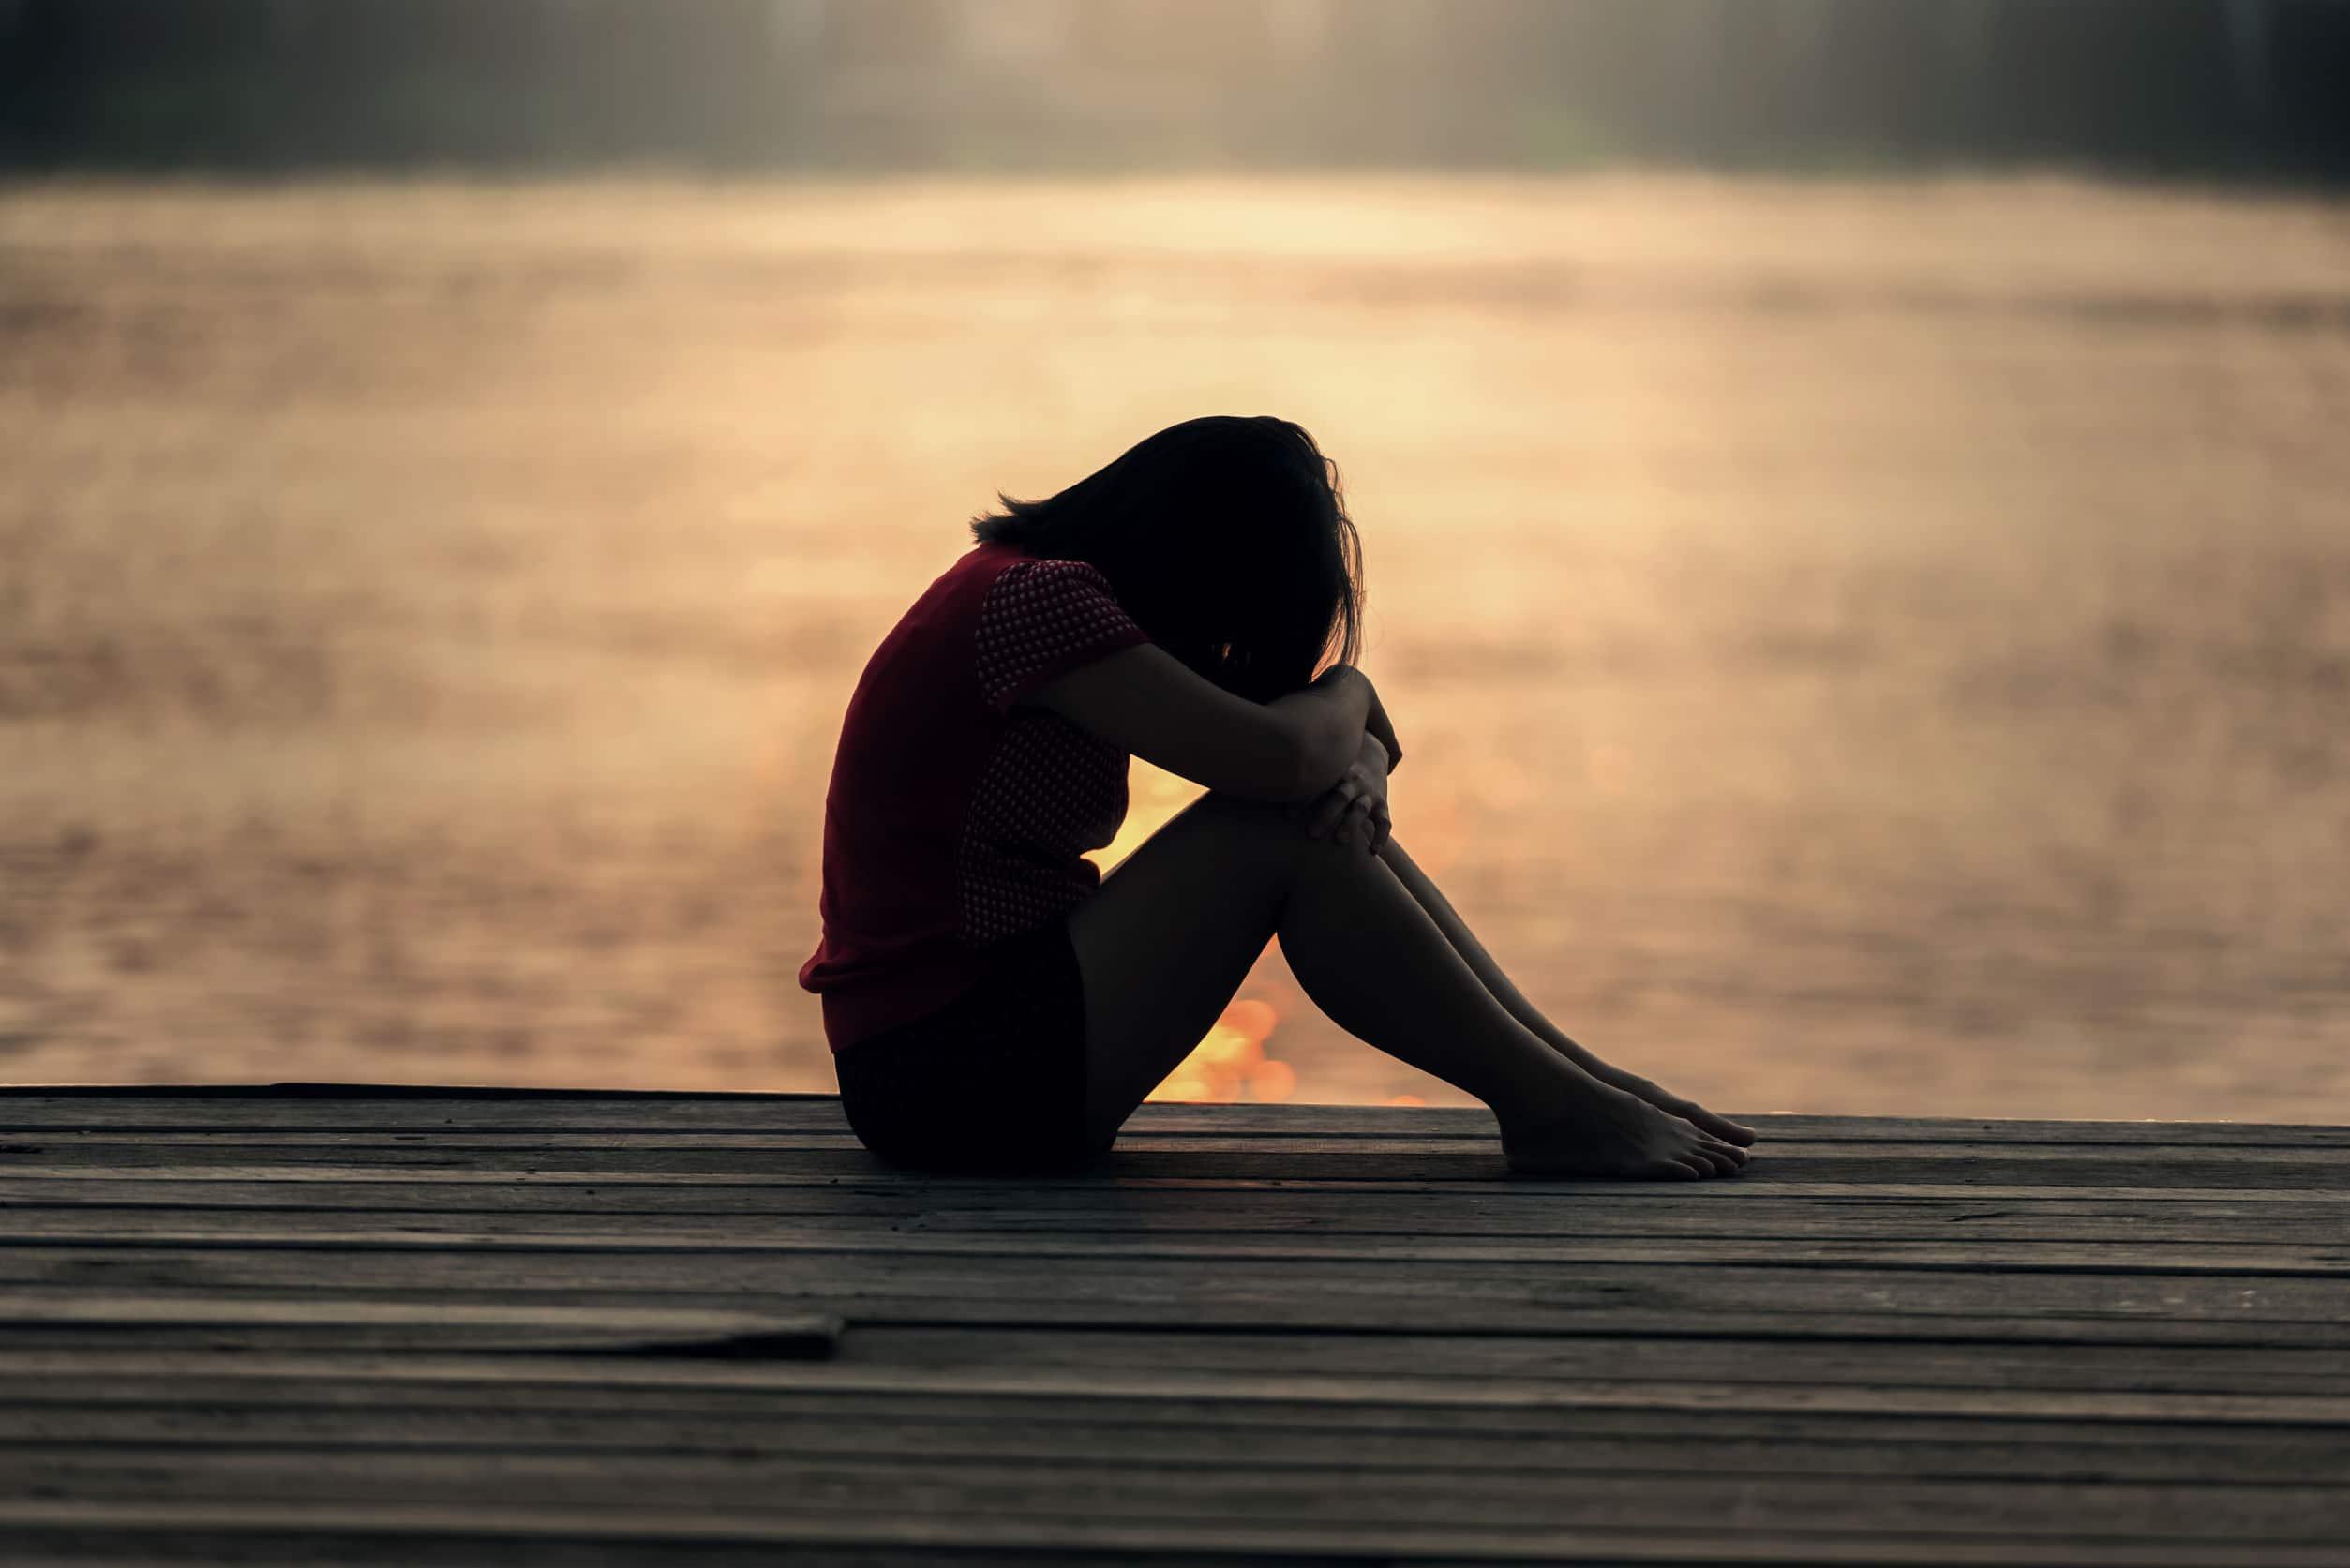 Silhueta de uma mulher preocupada e triste em um cais durante o pôr-do-sol.